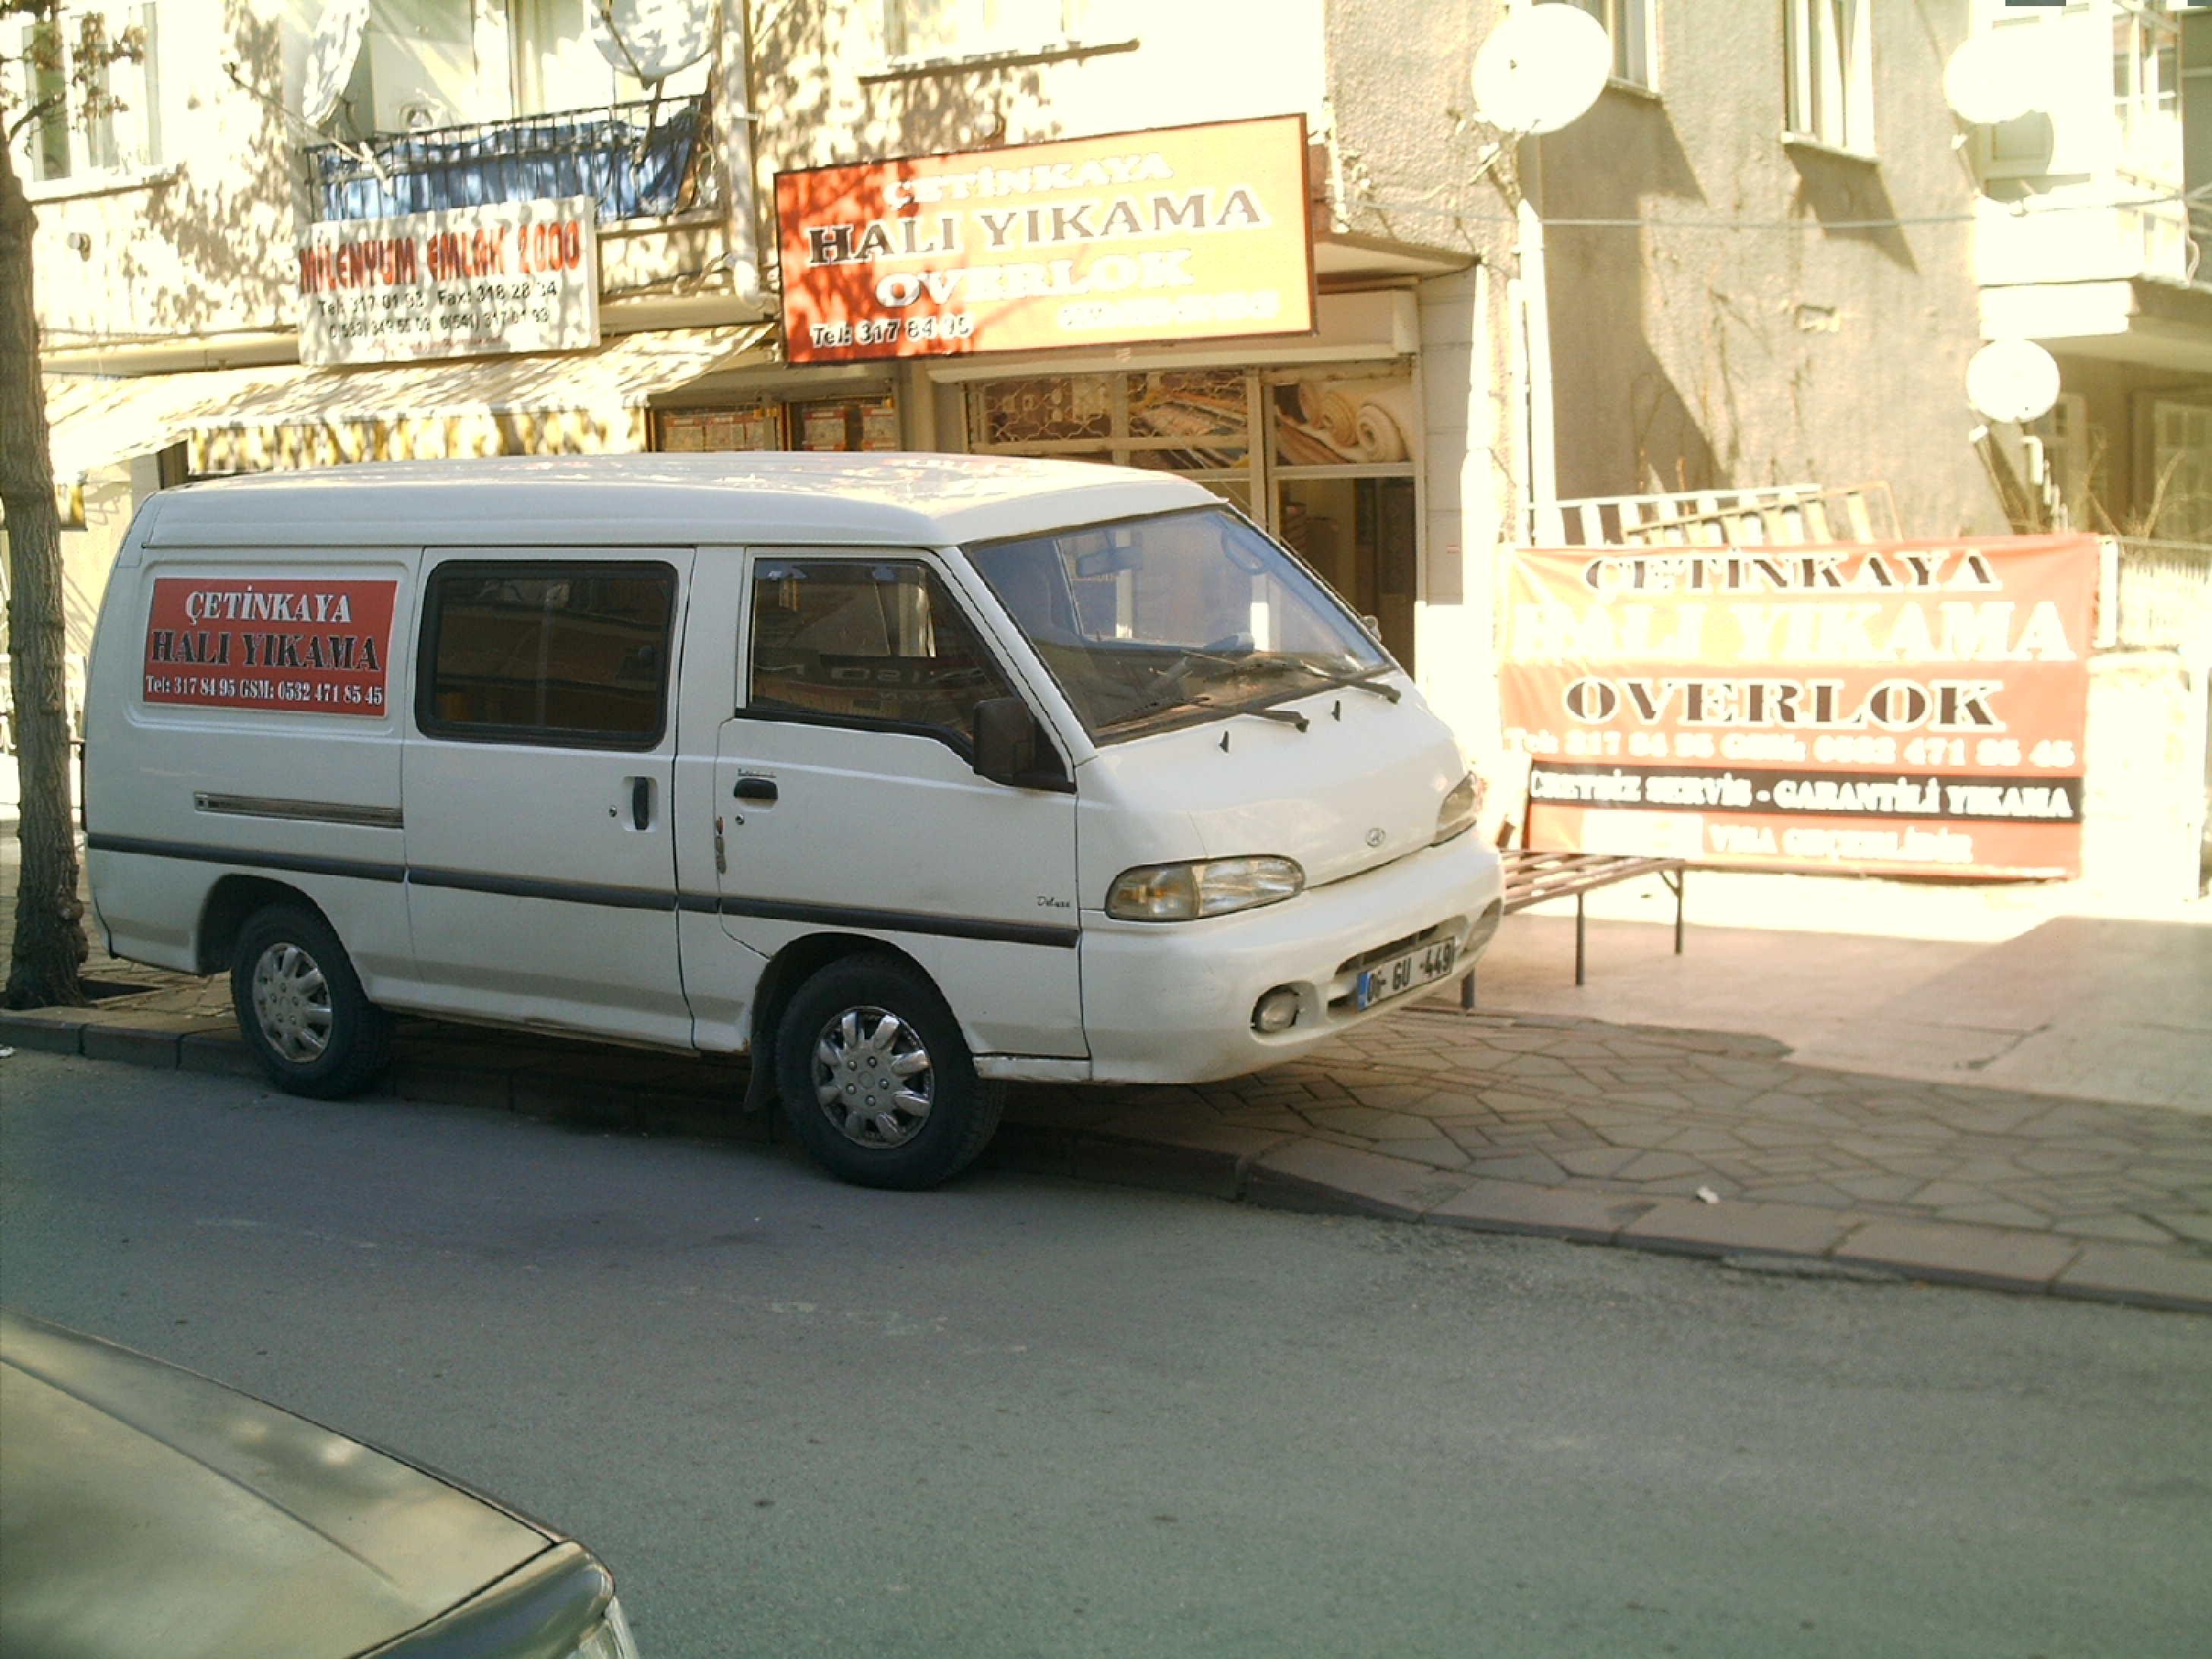 hali_yikama_ankara_merkez